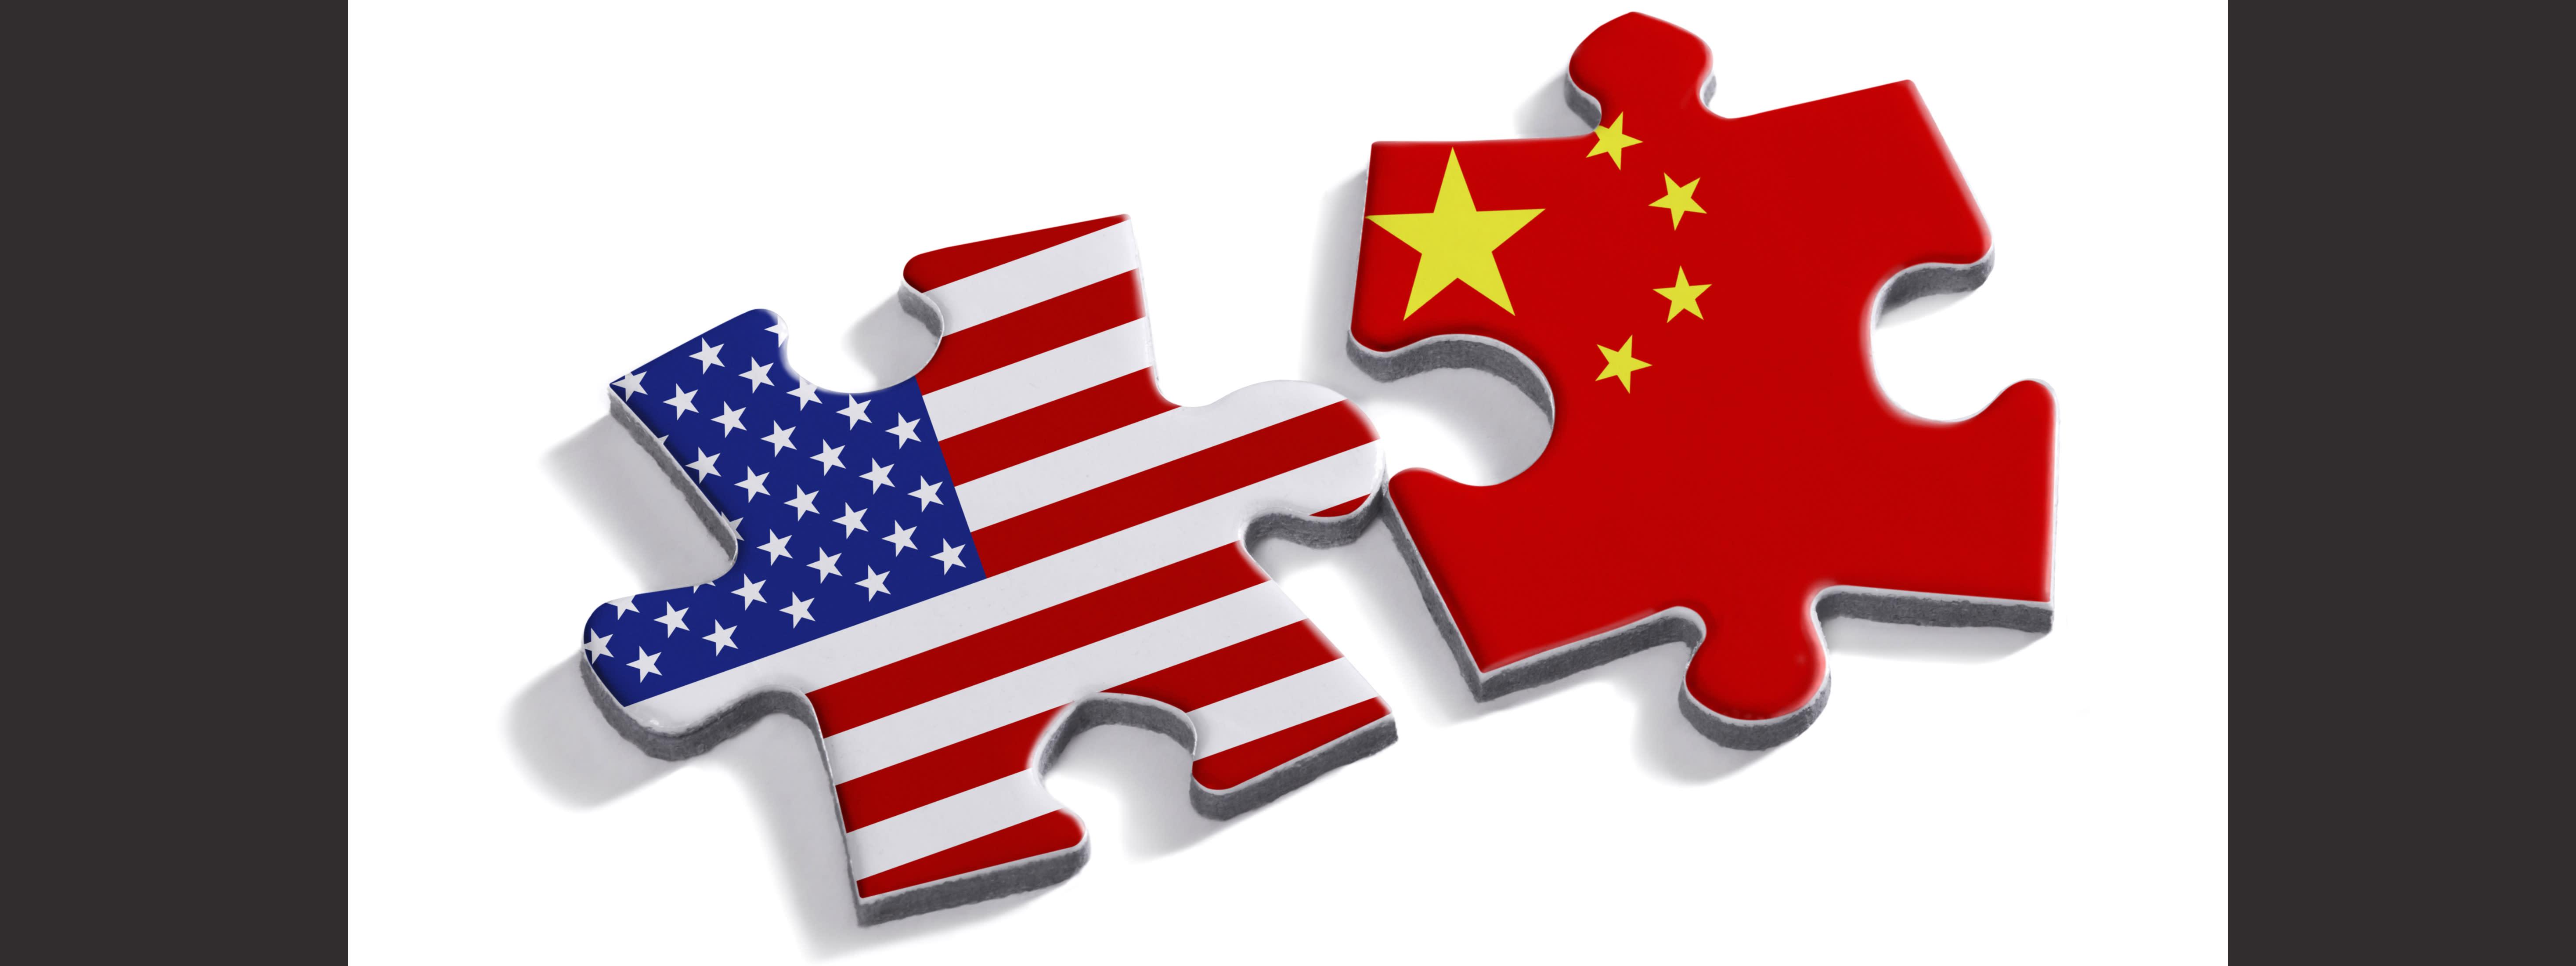 美中貿易戰開打 颱風尾重創台灣